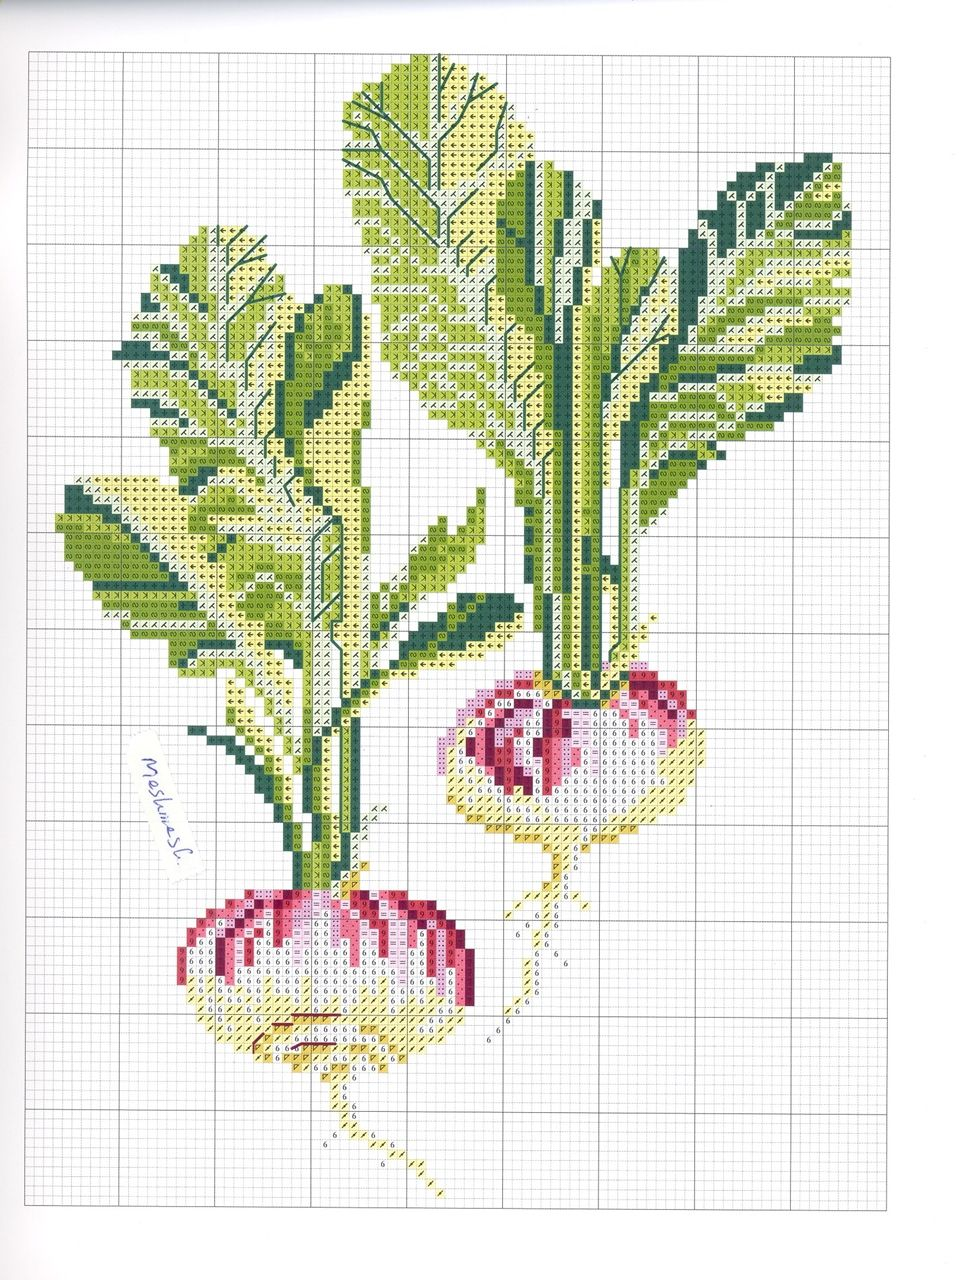 Pin von Cheryl Hanson auf Seed packages | Pinterest